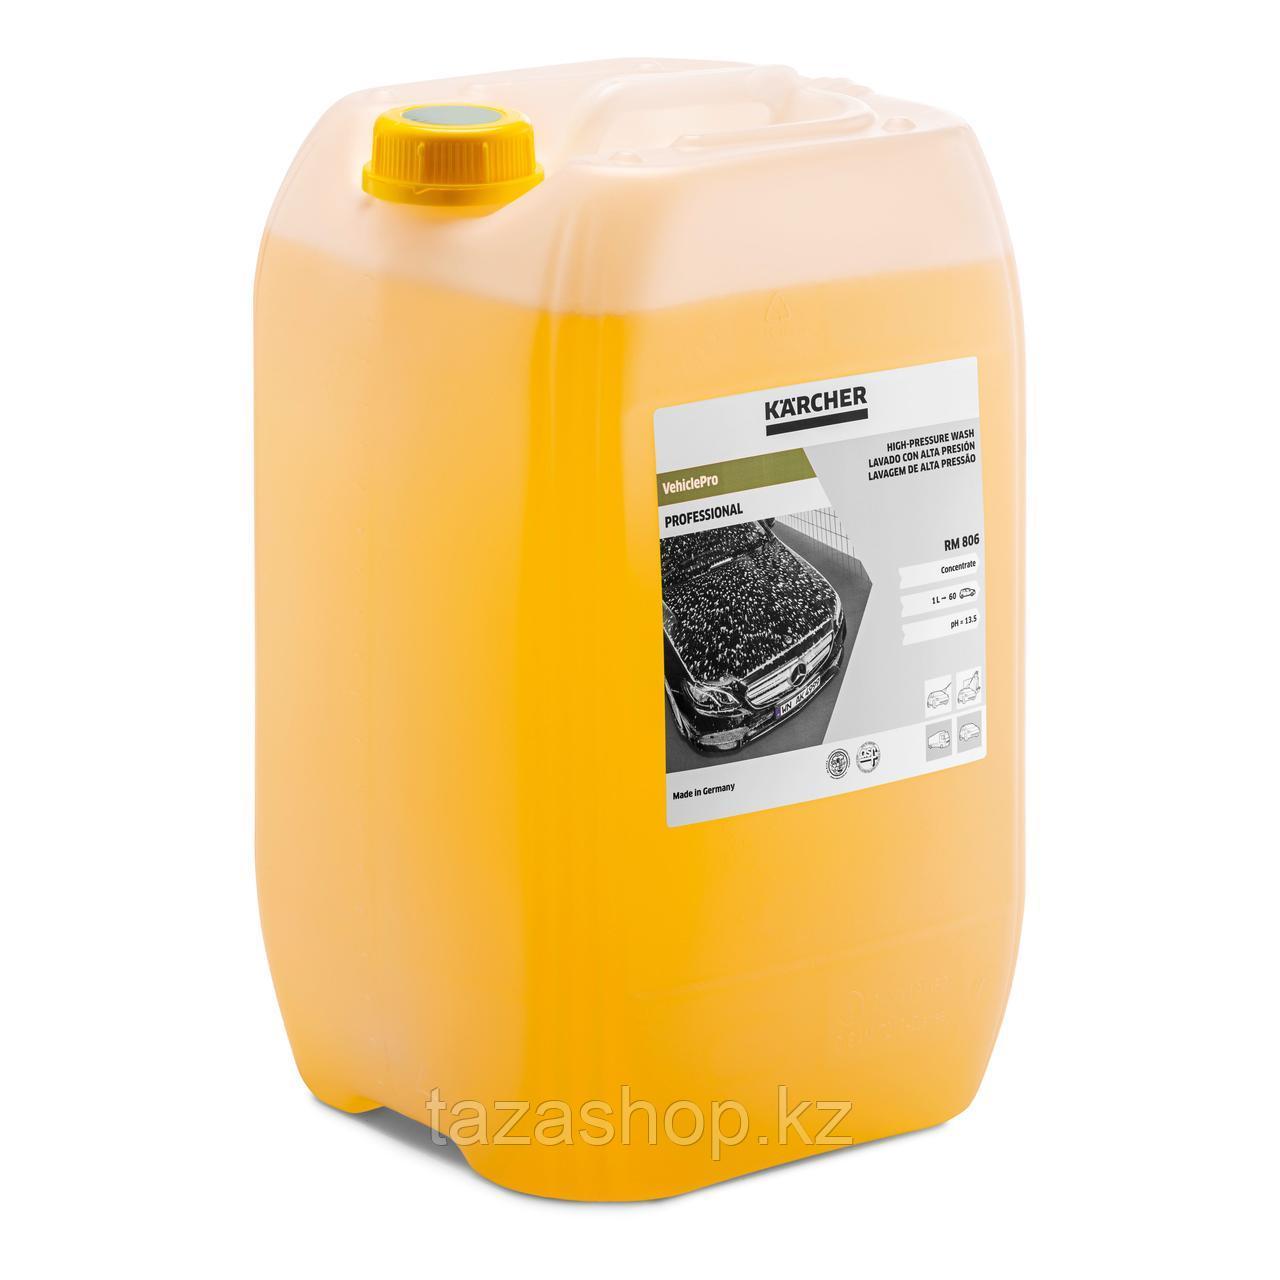 Средство для мойки высоким давлением RM 806 20 литров